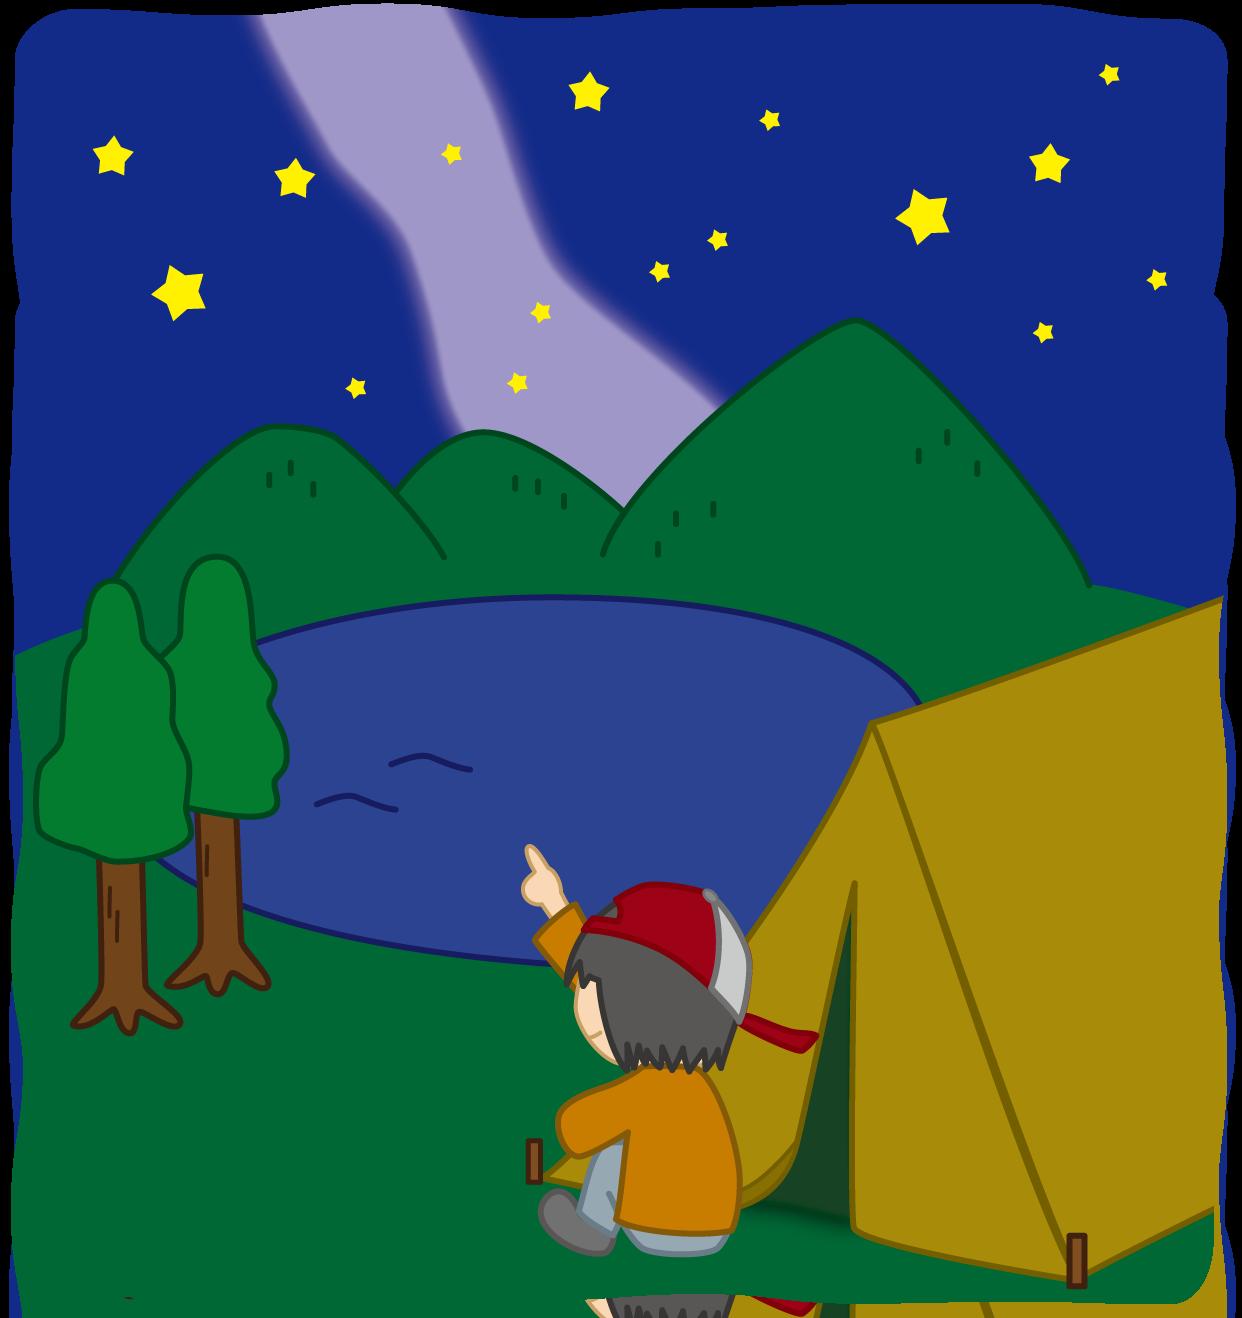 星を見よう画像2